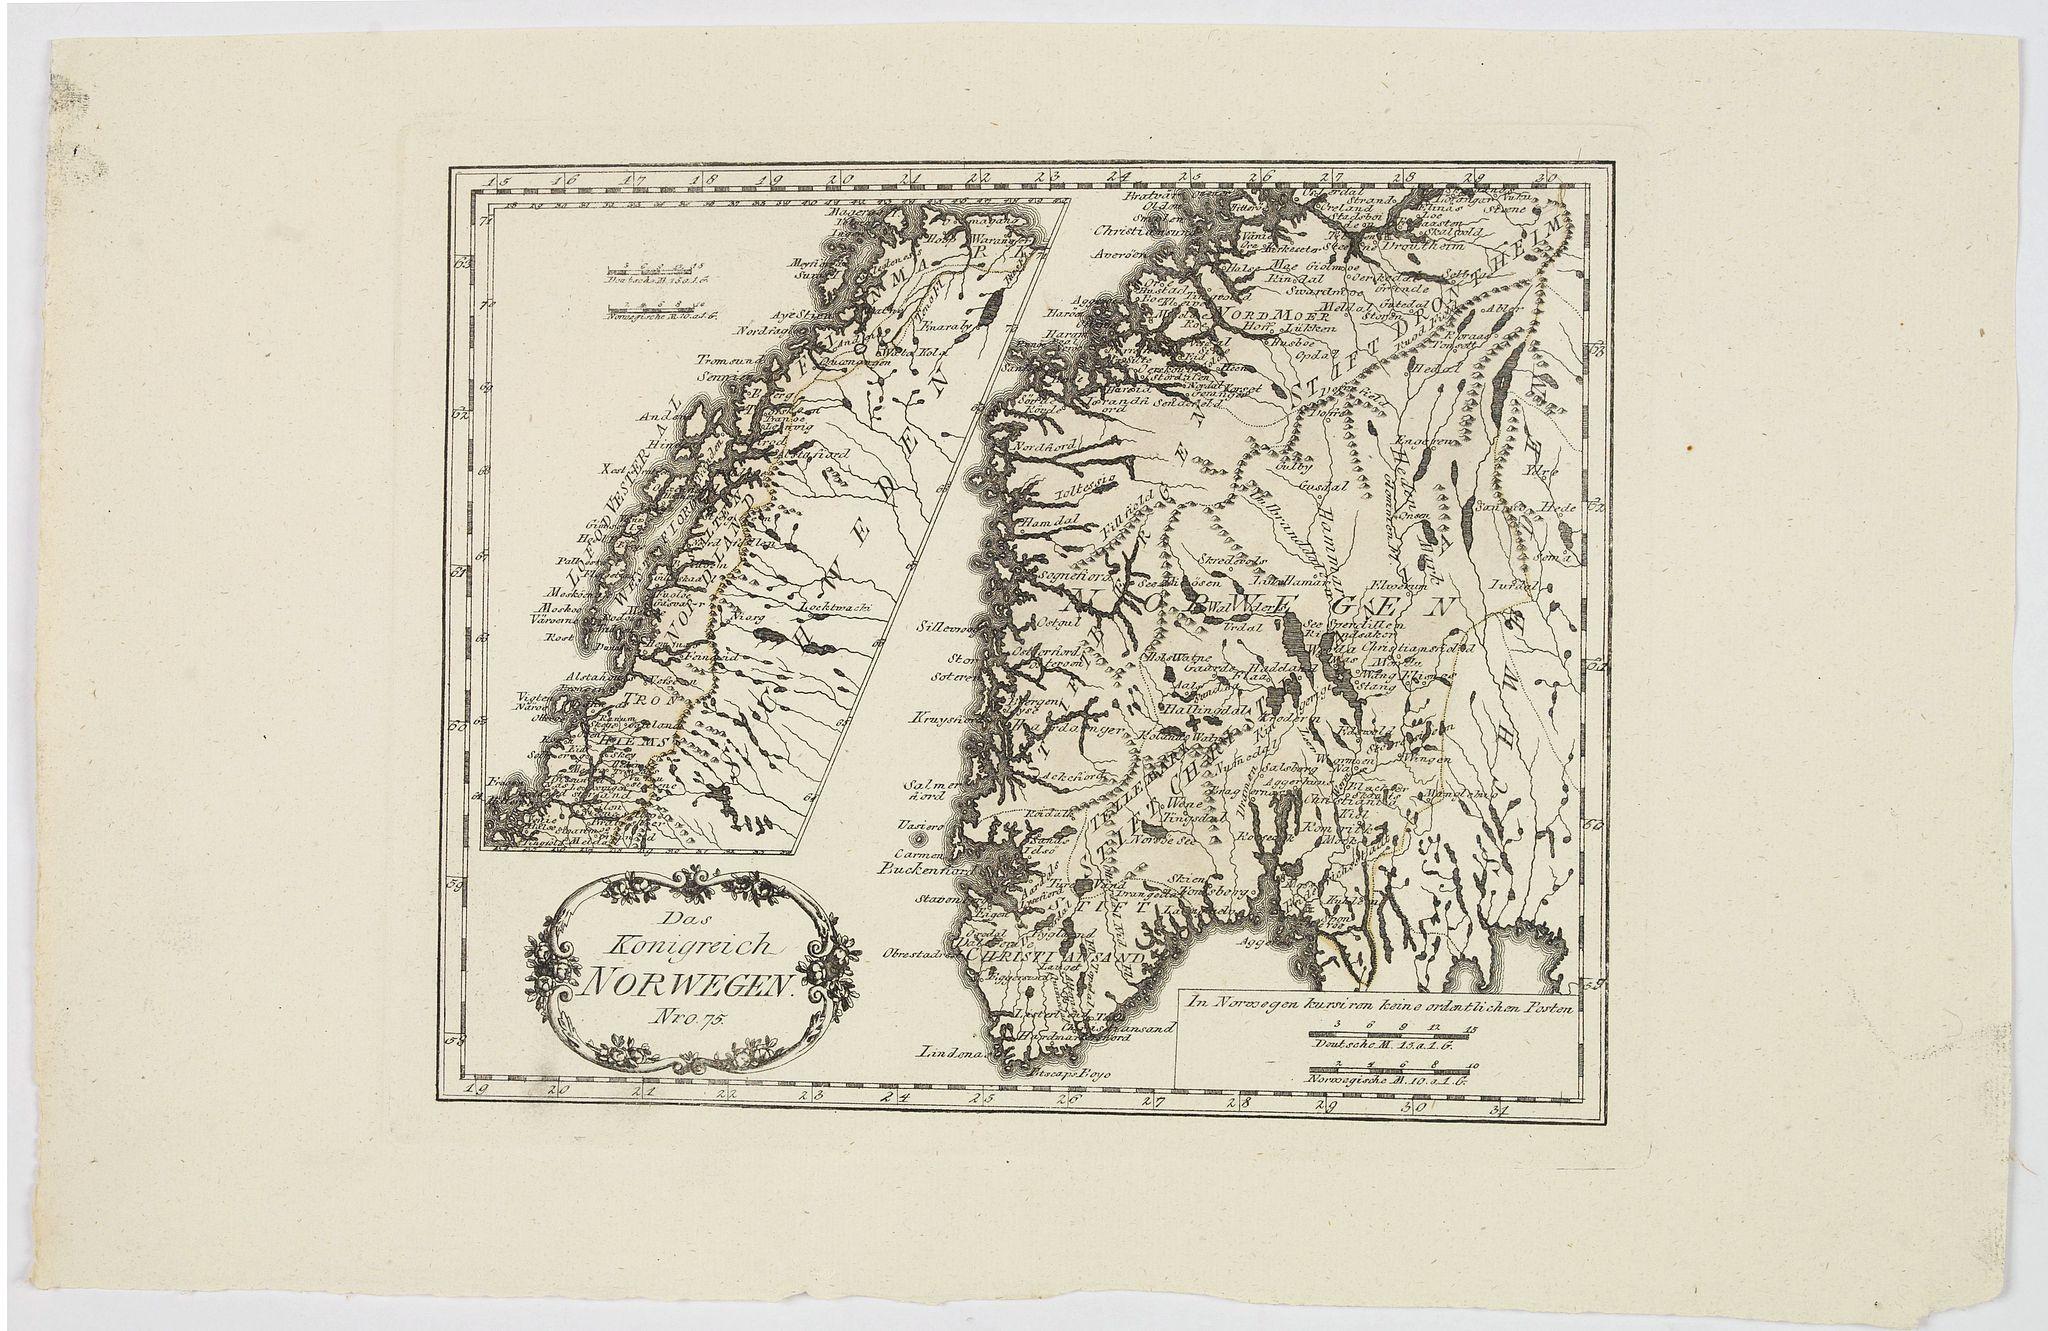 VON REILLY, J.J.F. - Das Konigreich Norwegen.